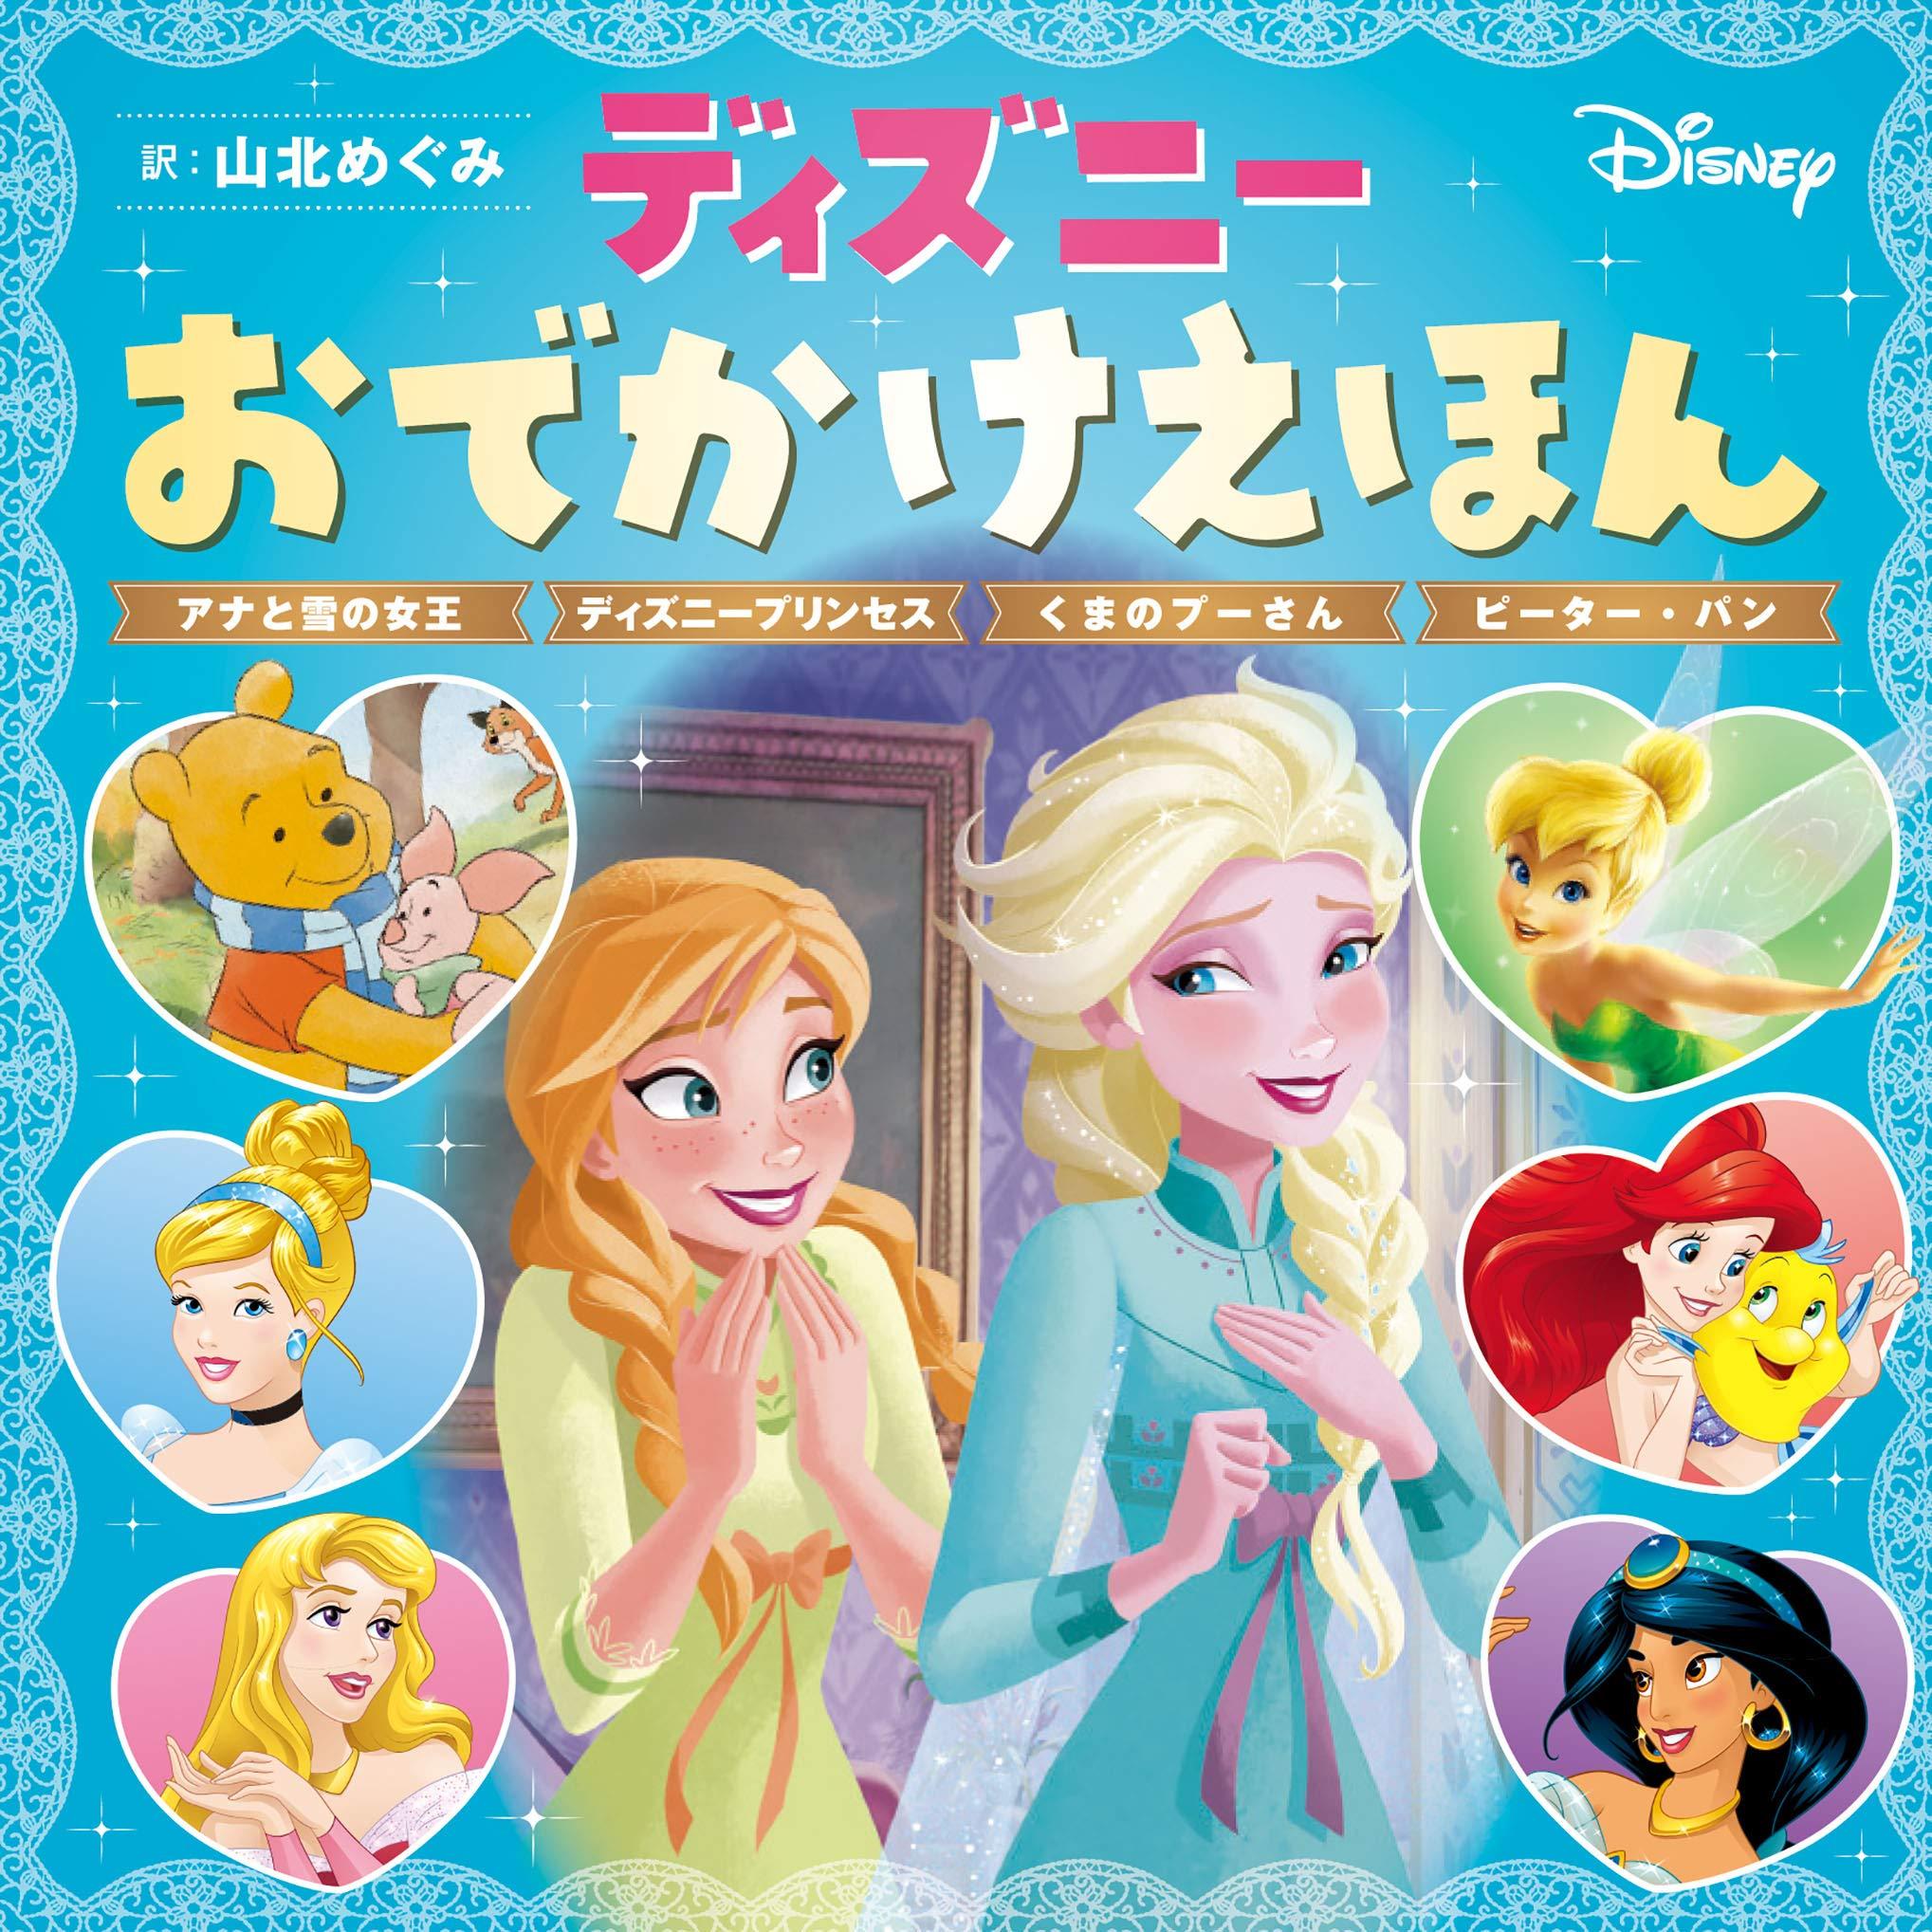 『ディズニーおでかけえほん アナと雪の女王 ディズニープリンセス くまのプーさん ピーター・パン』